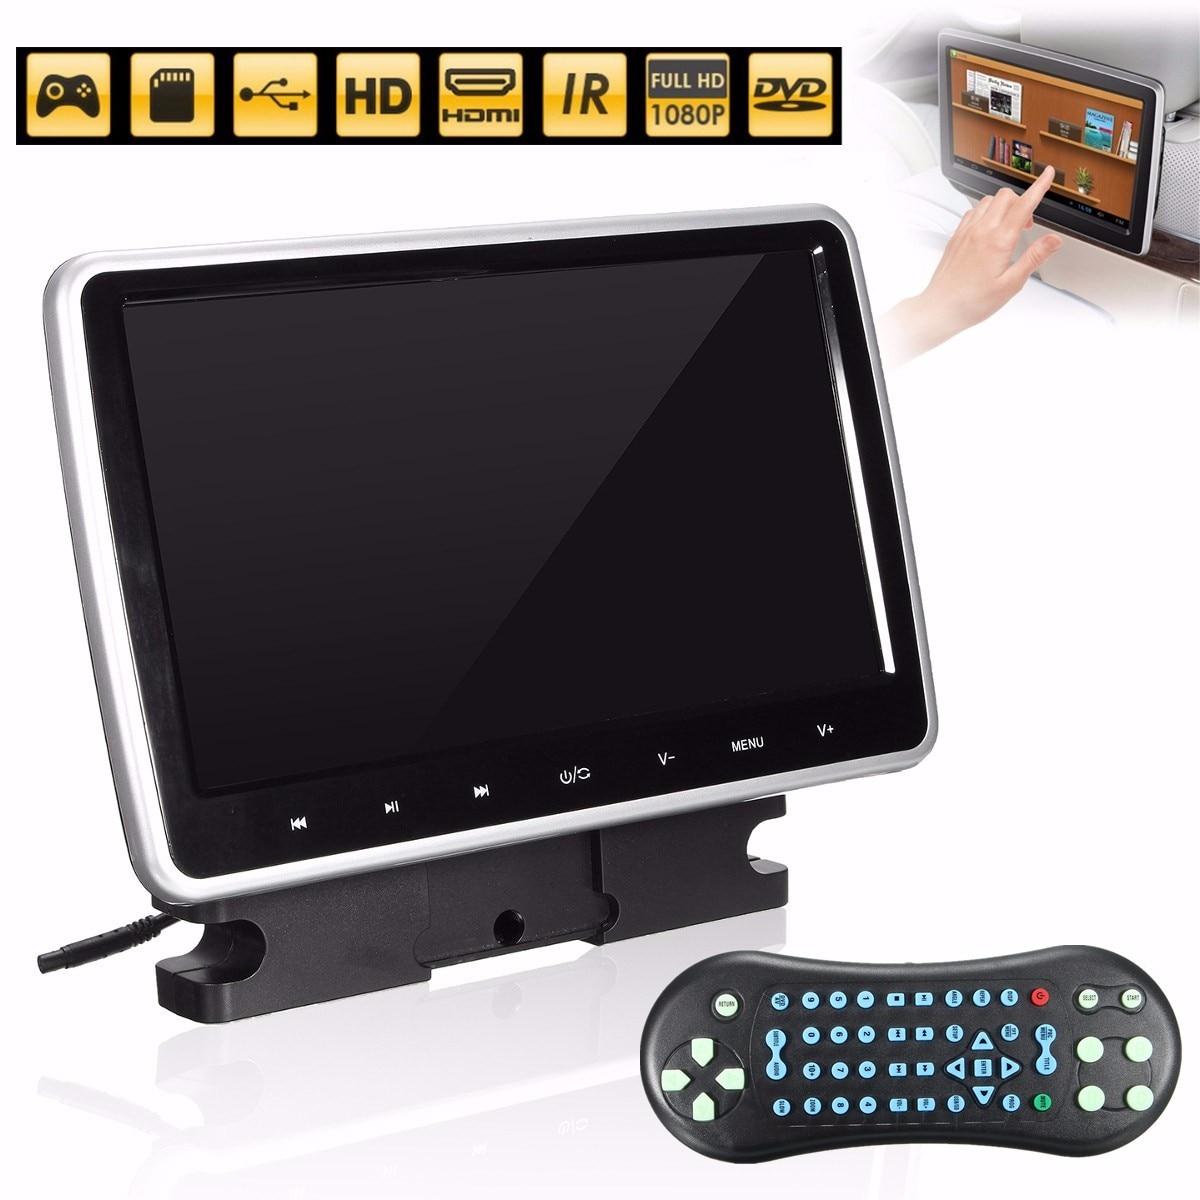 10 pouces LCD 1024X600 Portable voiture lecteur DVD universel voiture LCD lecteur DVD actif HD pour tactile appuie-tête moniteur poignée de jeu